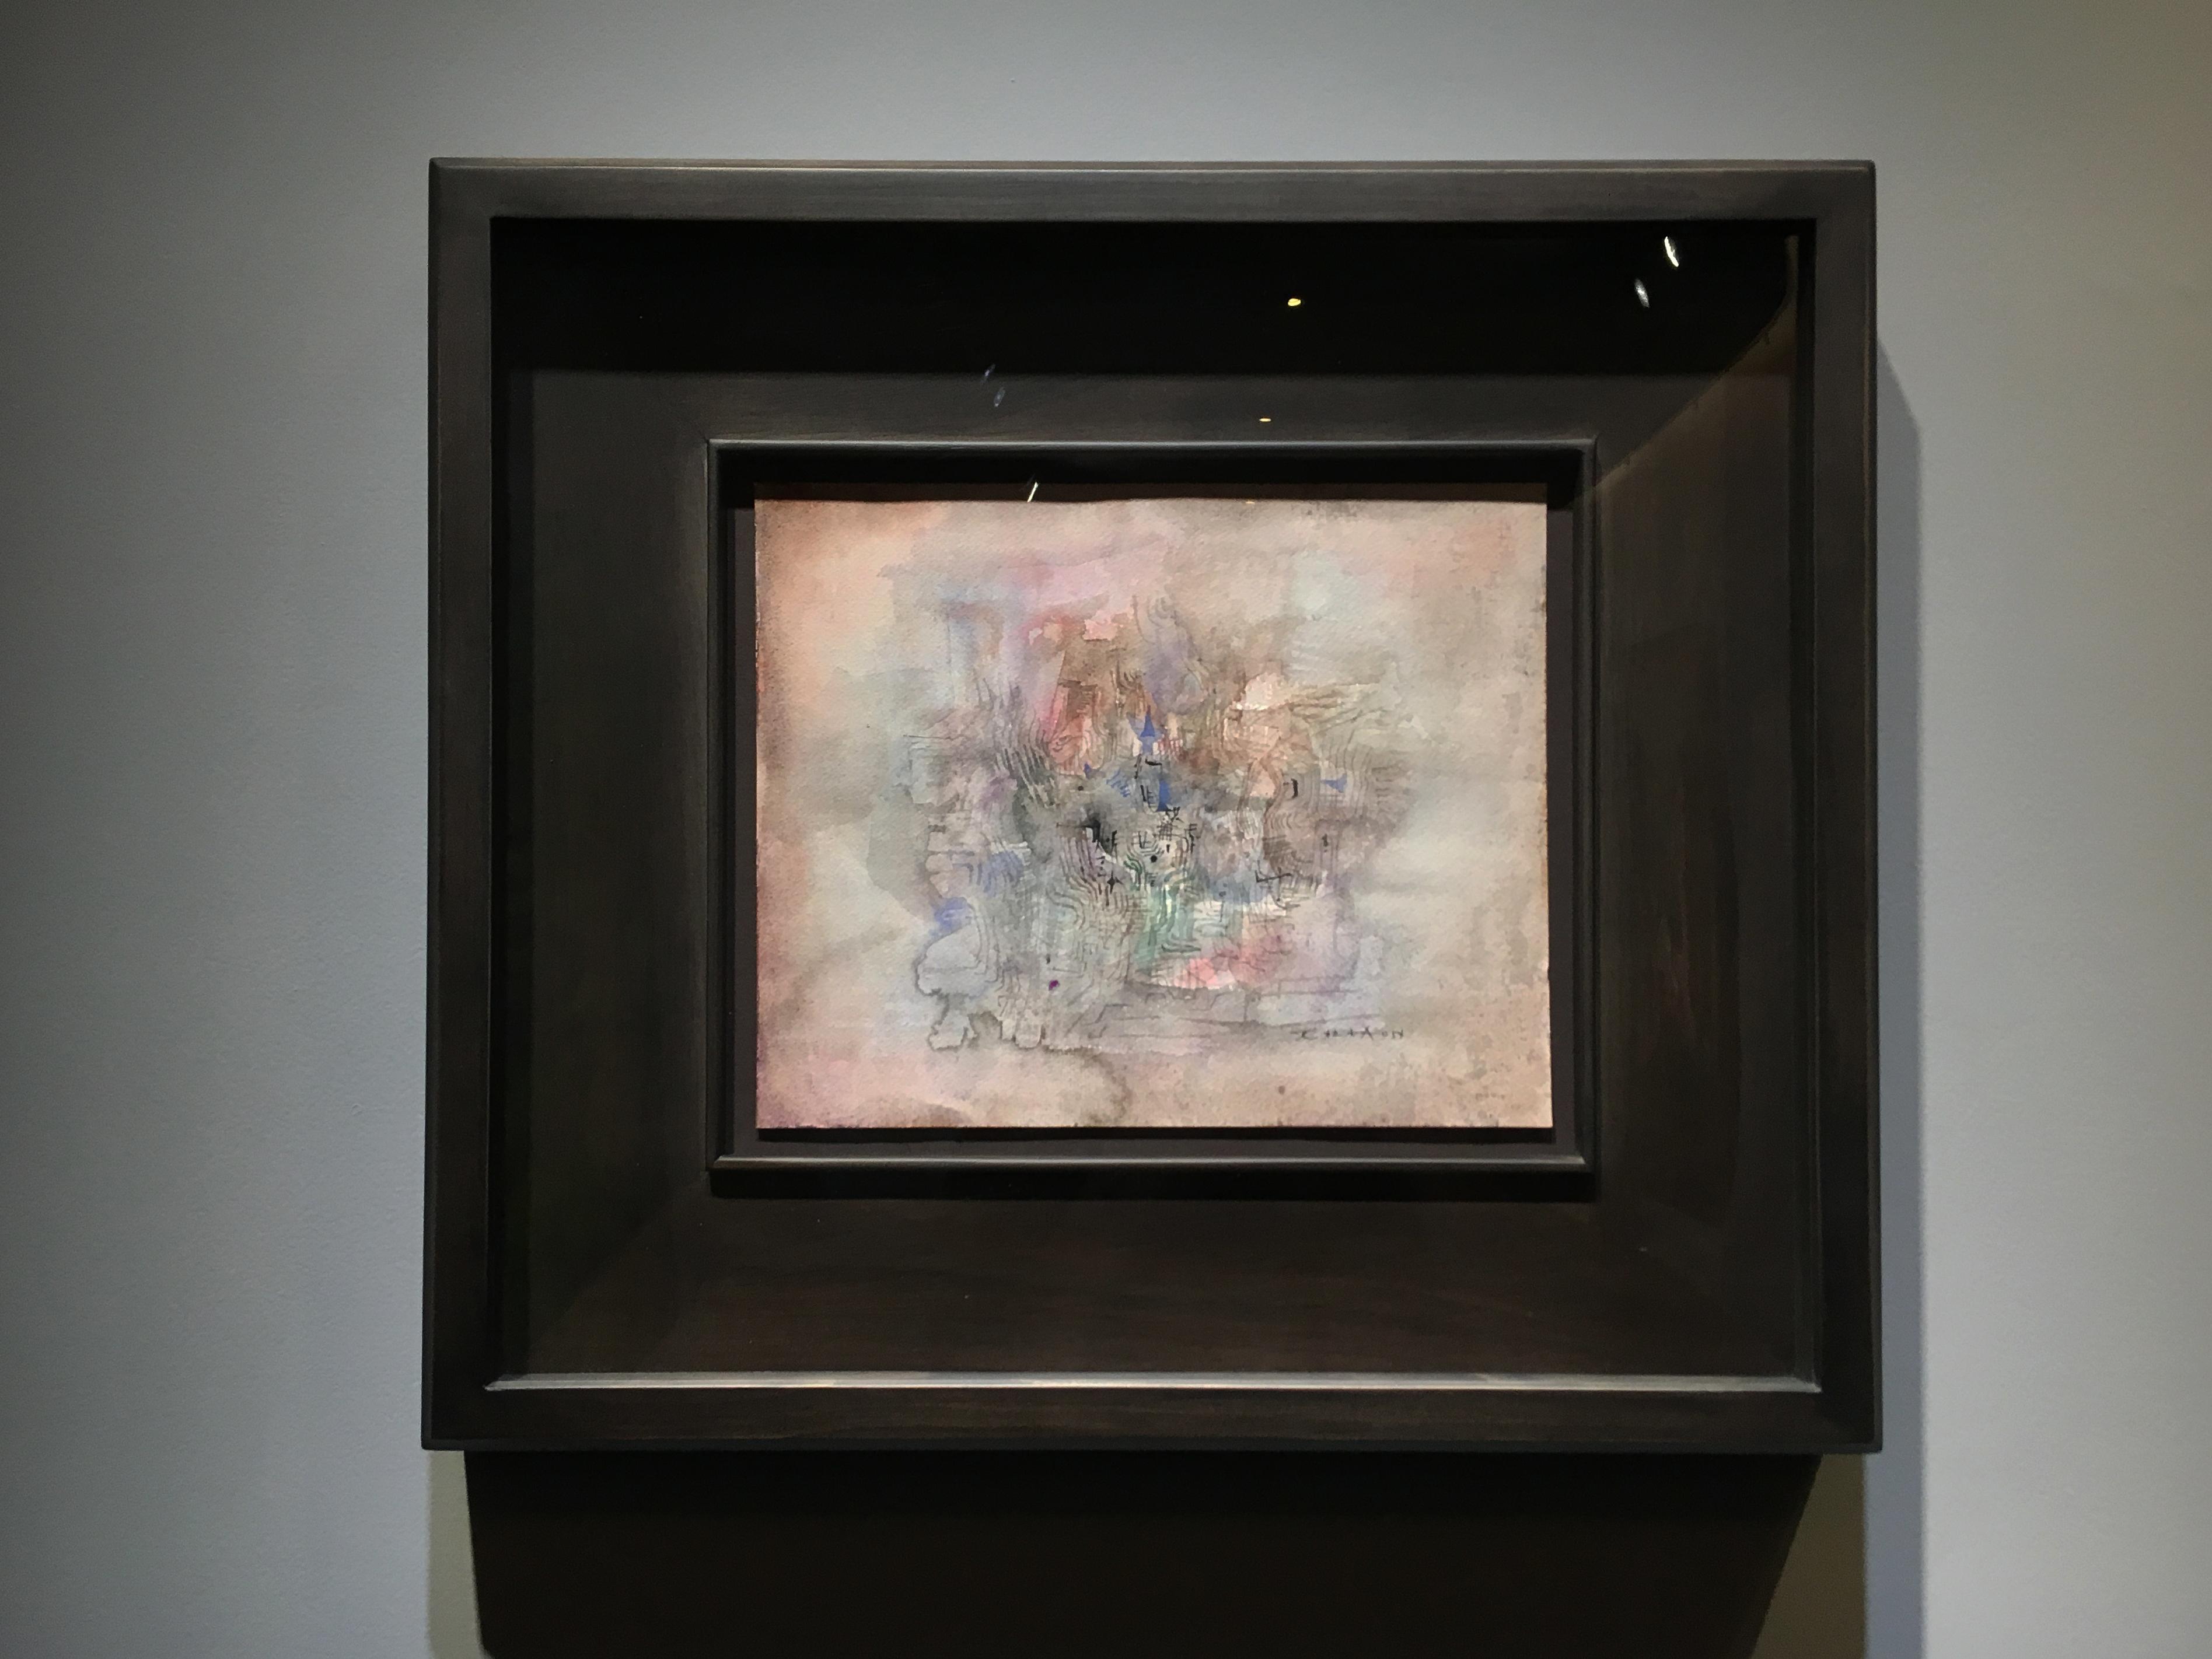 陸府典藏展『後來』展出趙無極繪畫作品。